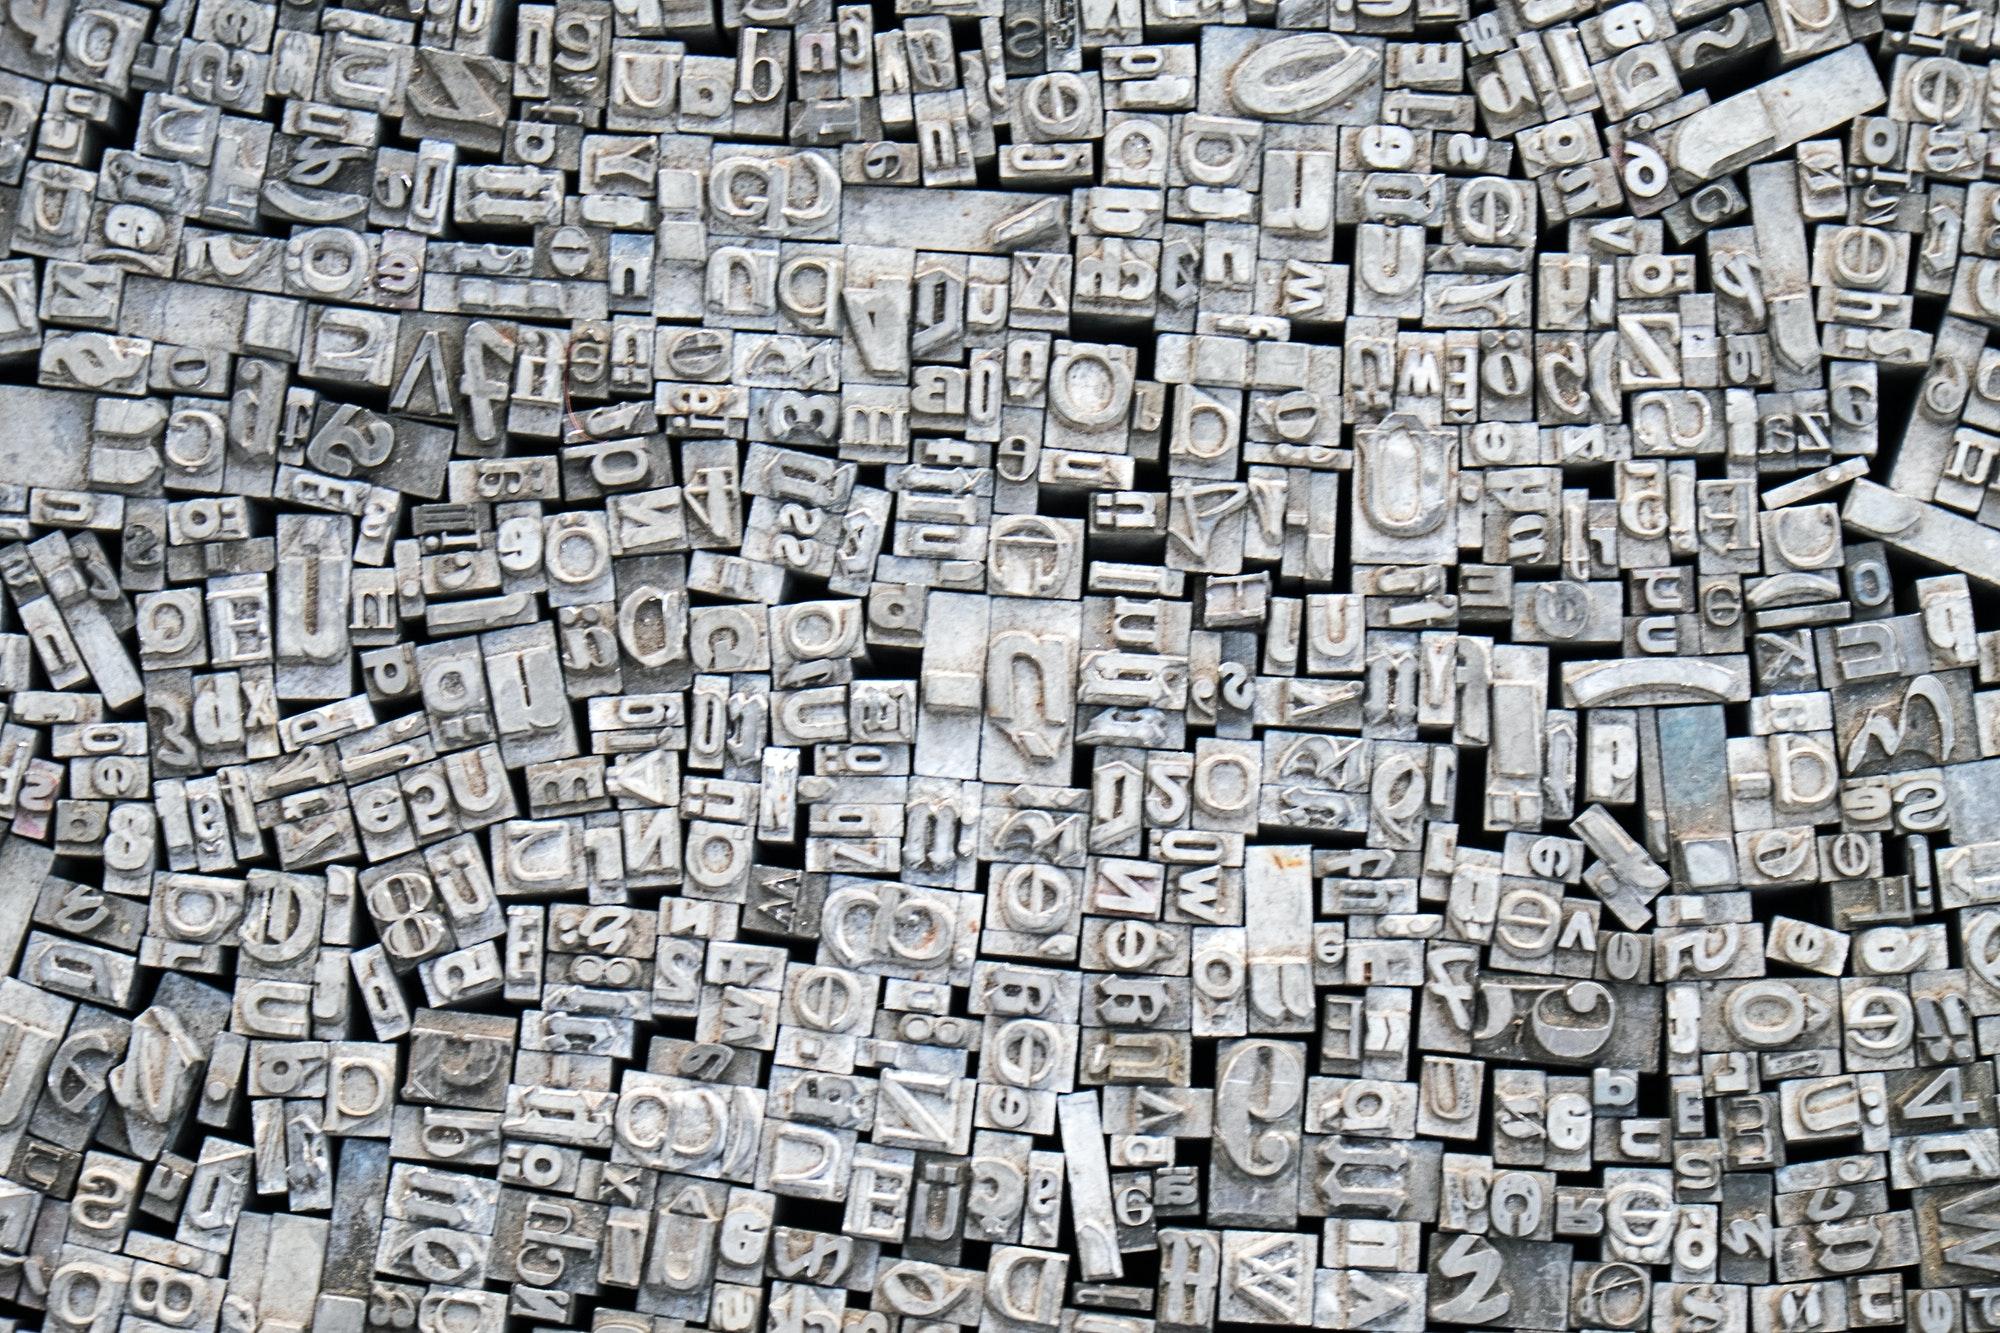 Imprimerie typographie